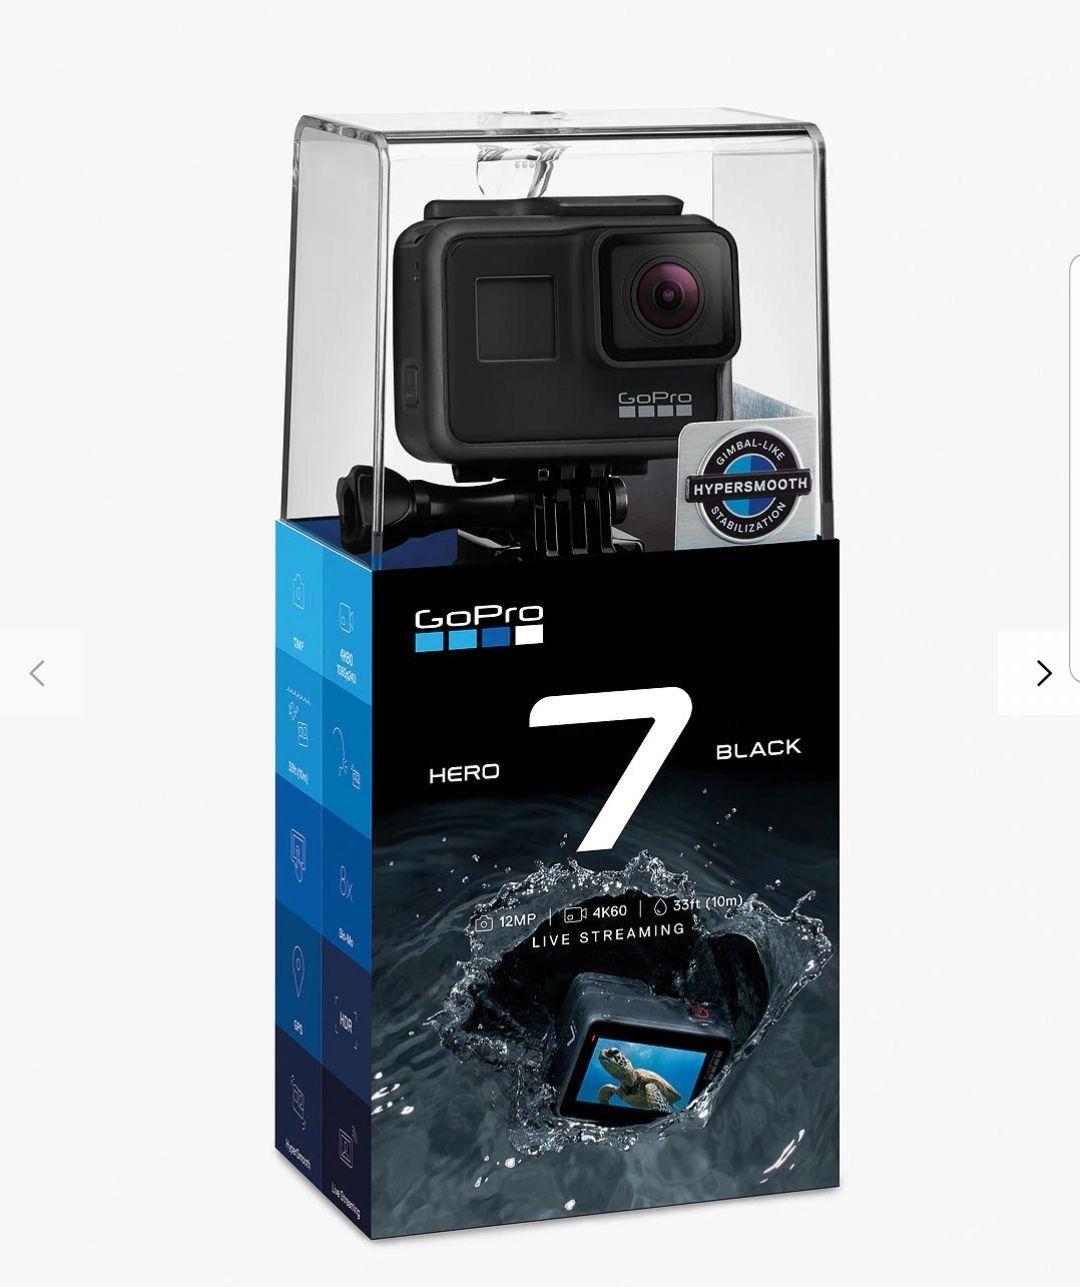 GoPro Hero 7 Black £270 @ John Lewis & Partners